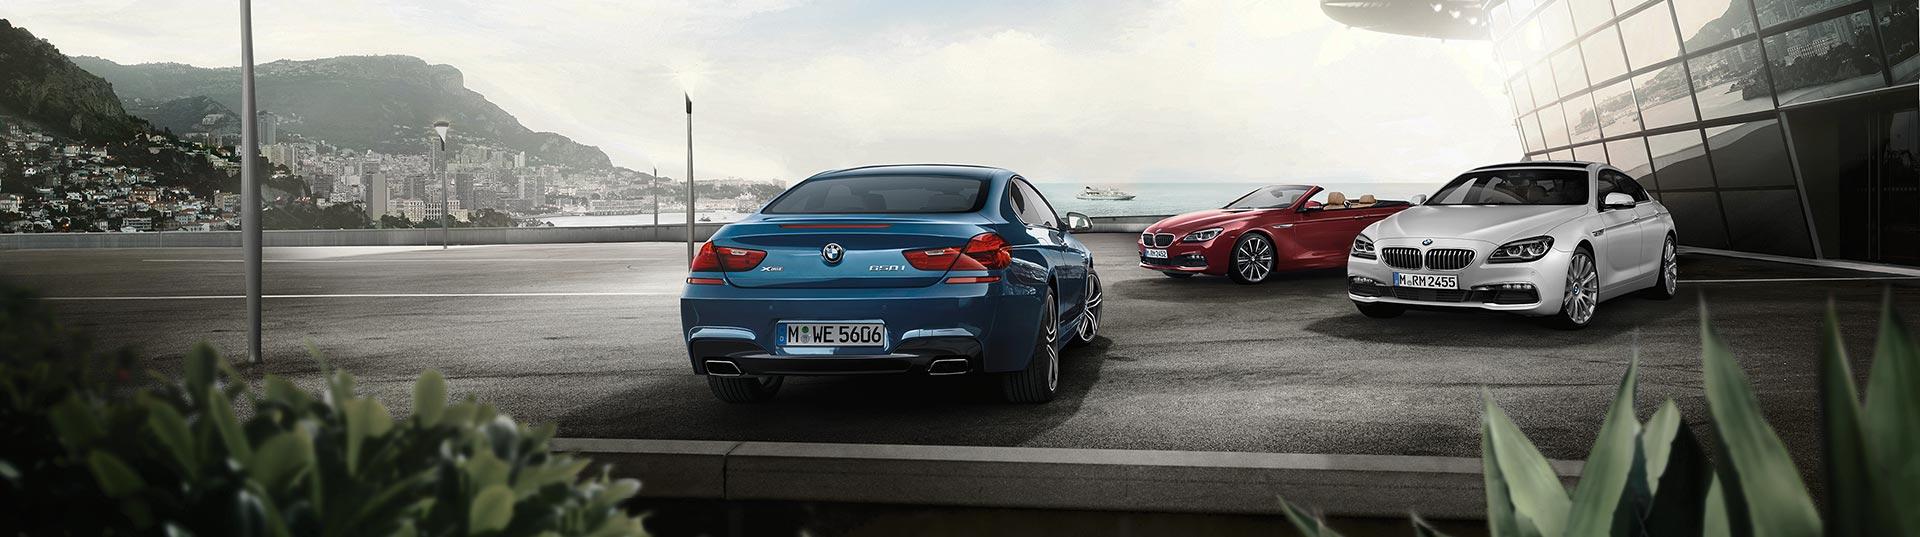 BMW série 6 renovado